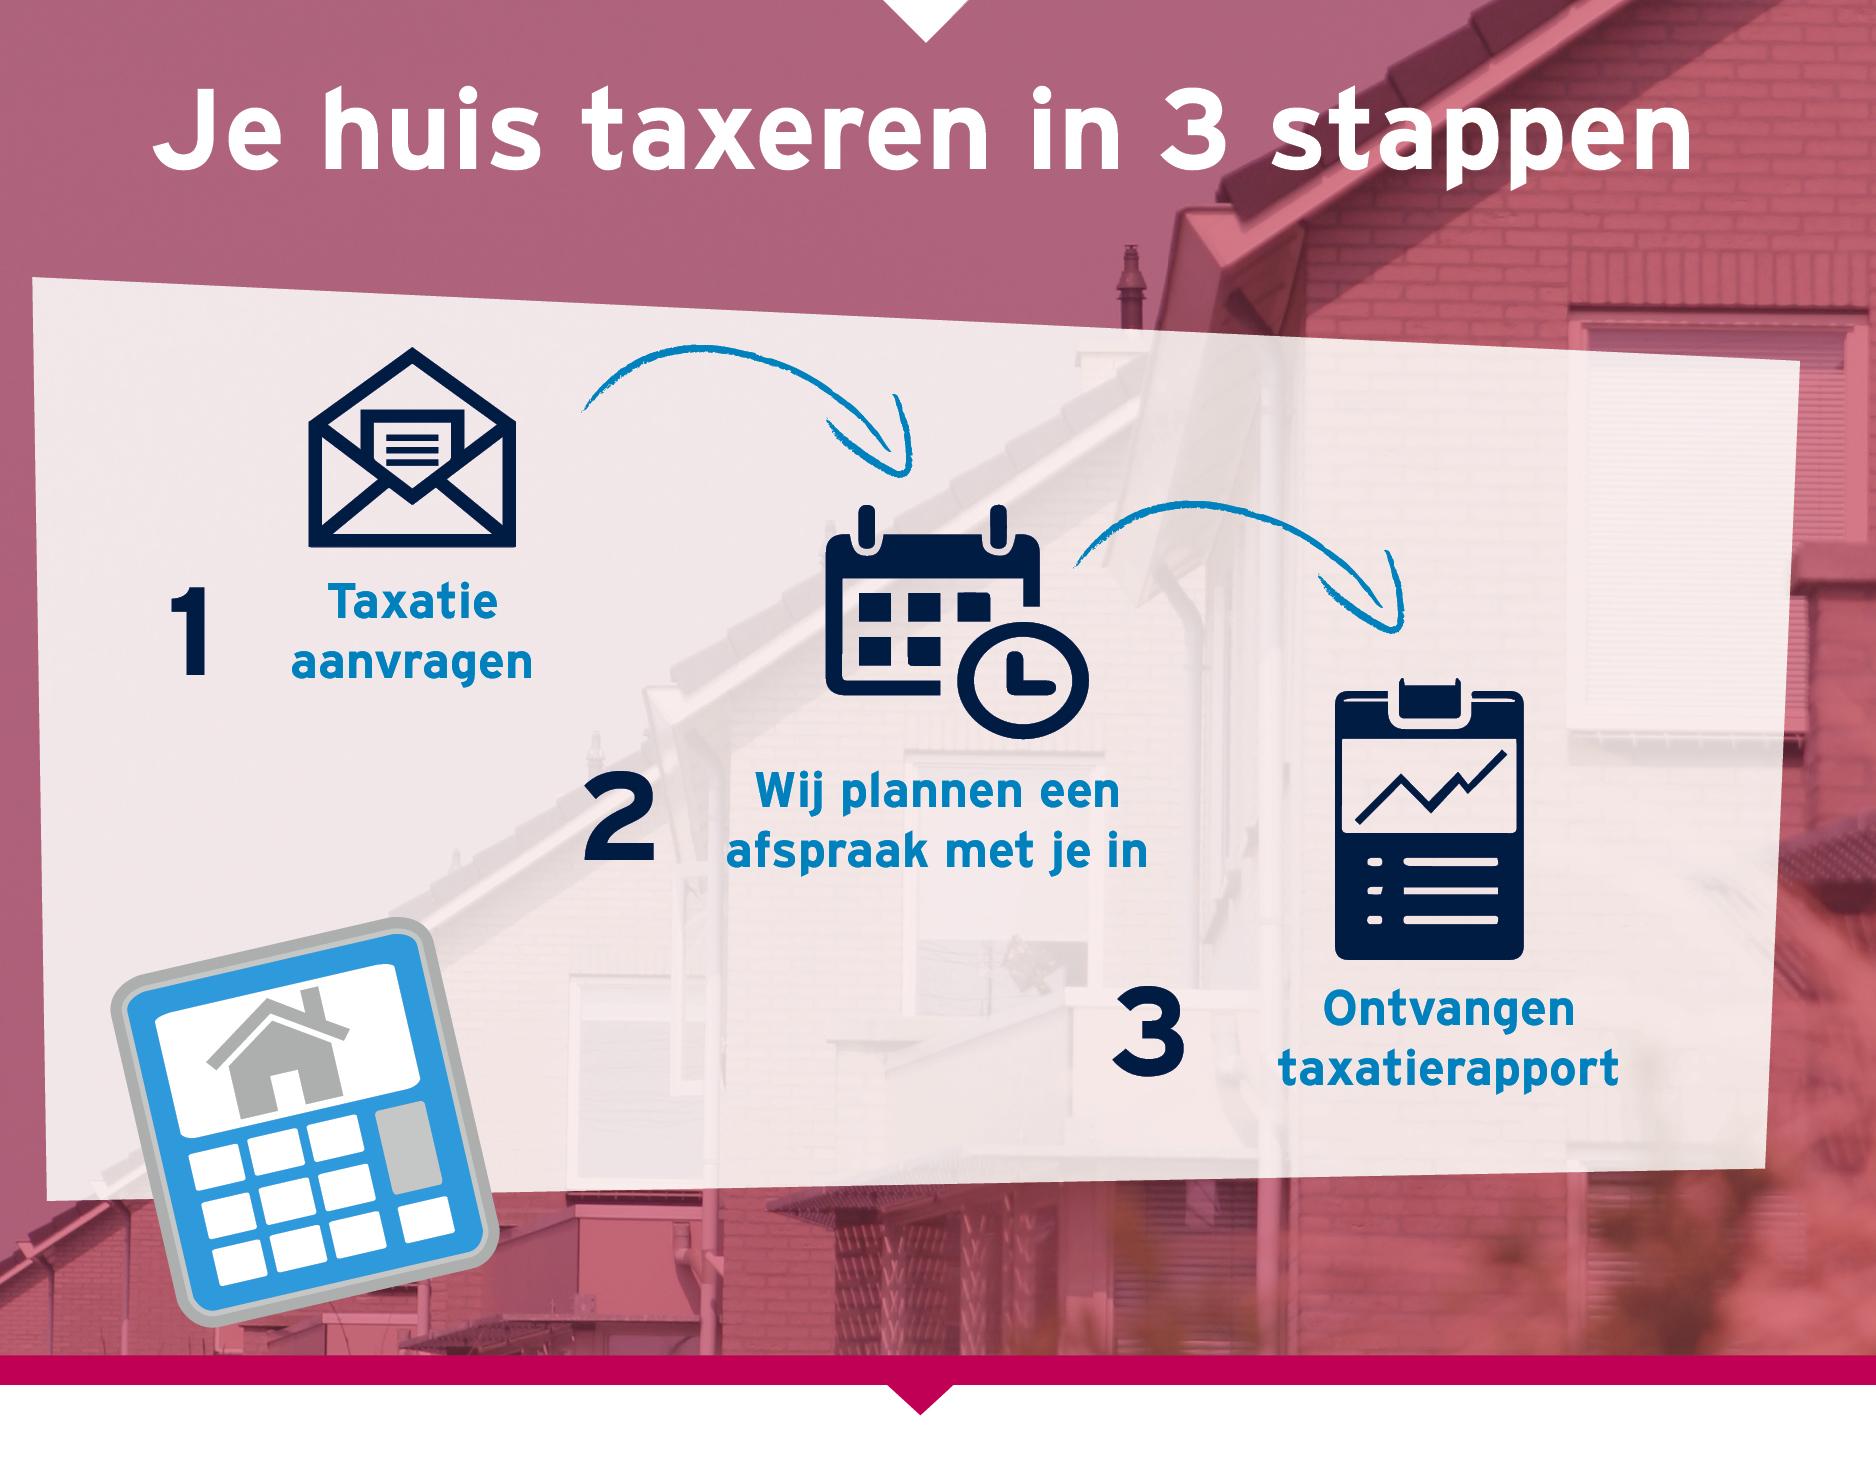 In 3 stappen jouw huis taxeren in de omgeving van Zwolle